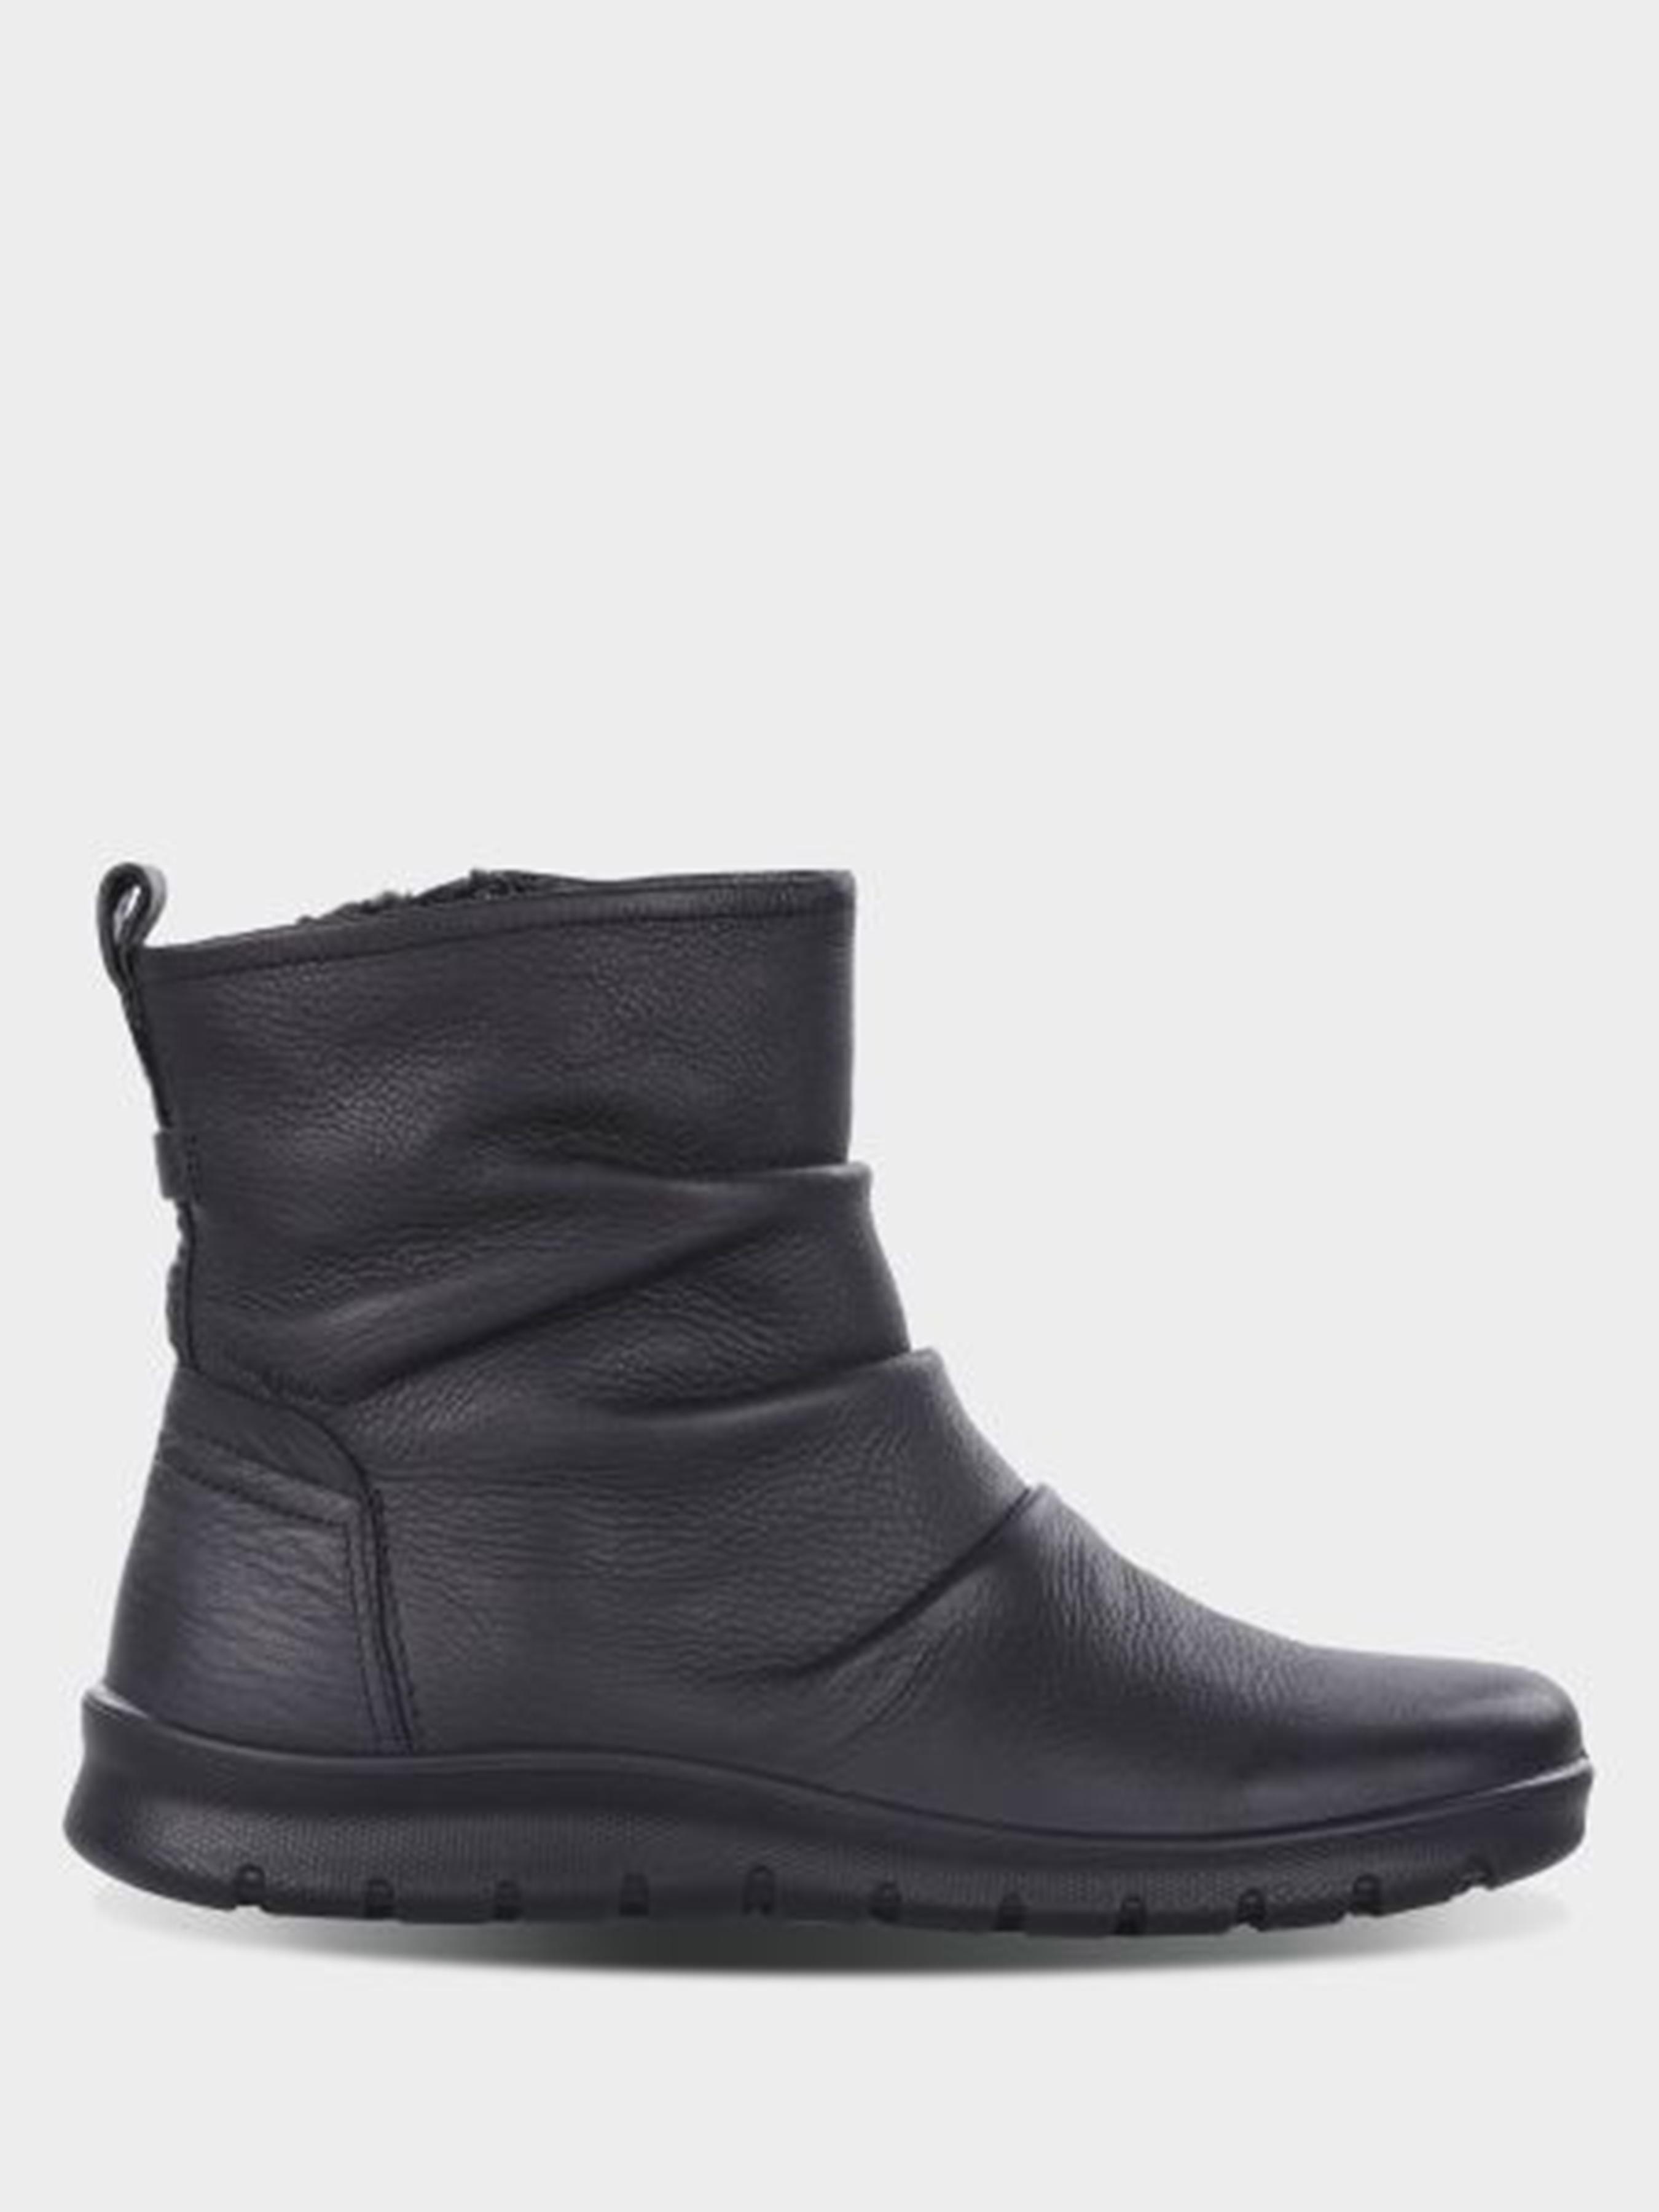 Купить Сапоги женские ECCO BABETT BOOT ZW6013, Черный